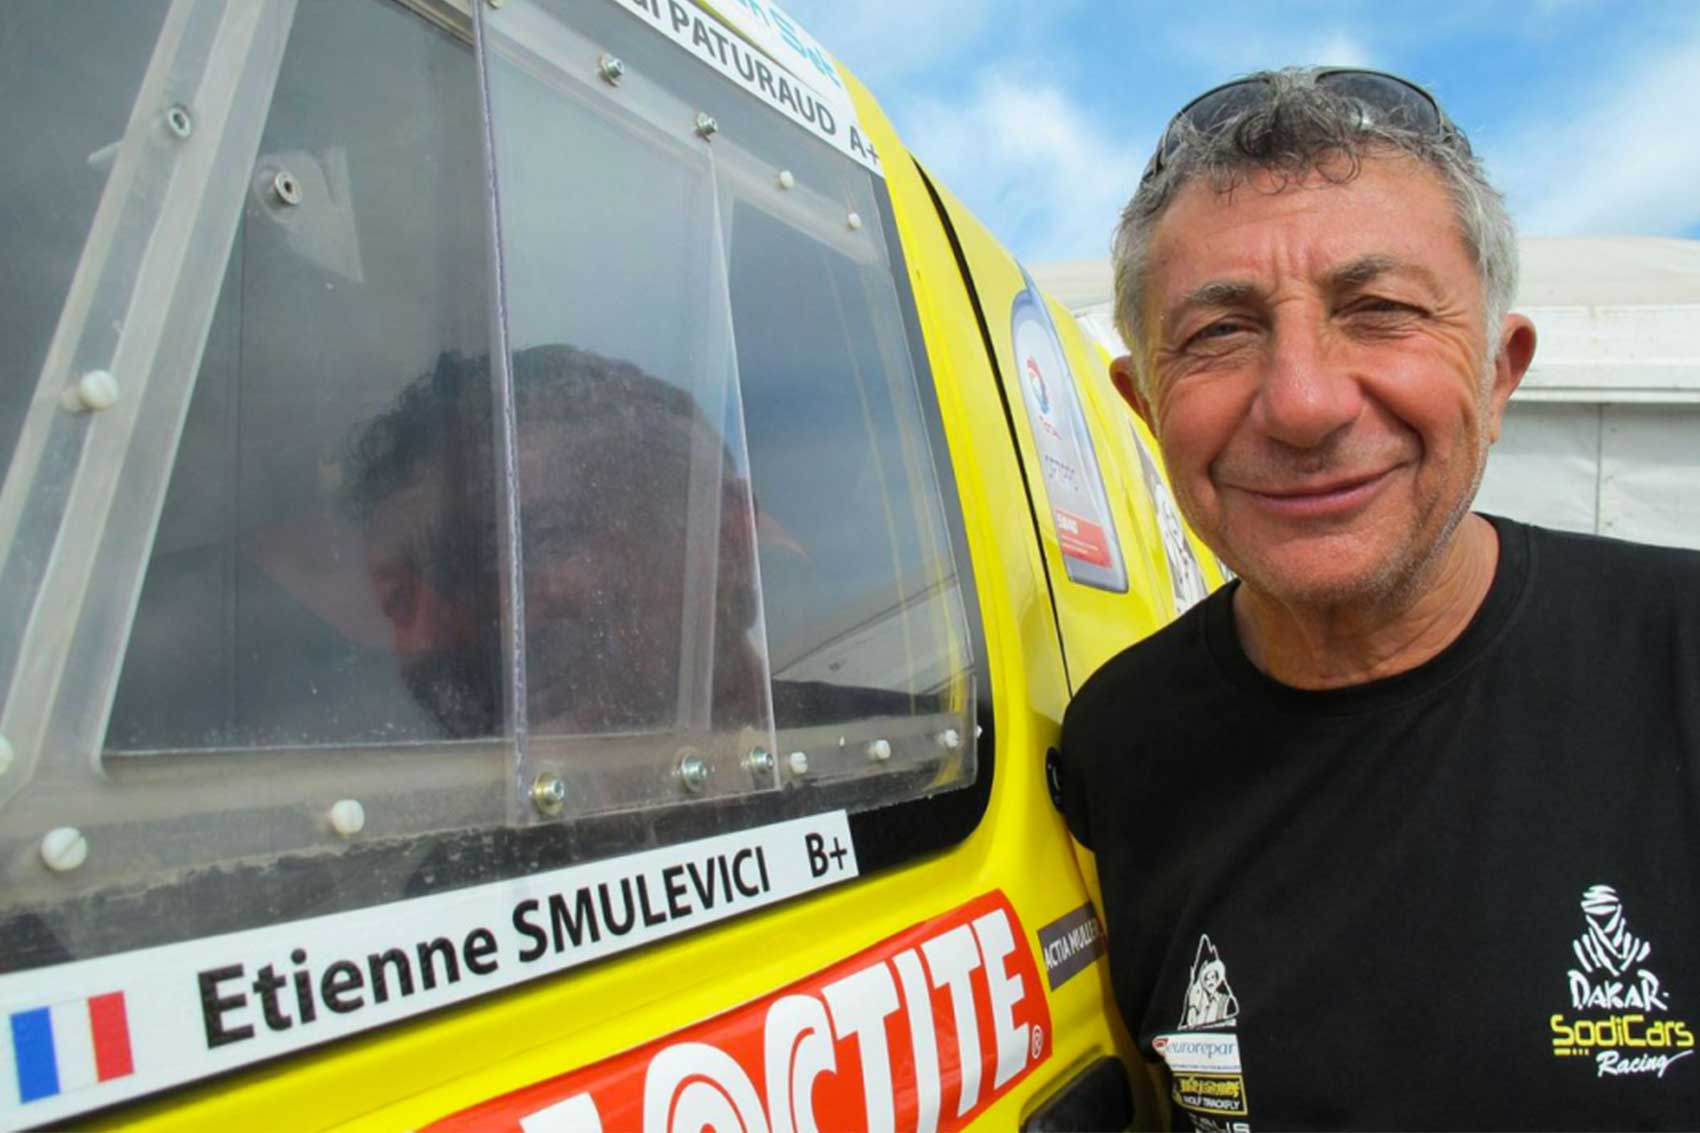 Etienne Smulevici conférencier sportif sur l'esprit d'équipe et le mangement d'équipe au sein de l'entreprise WeChamp